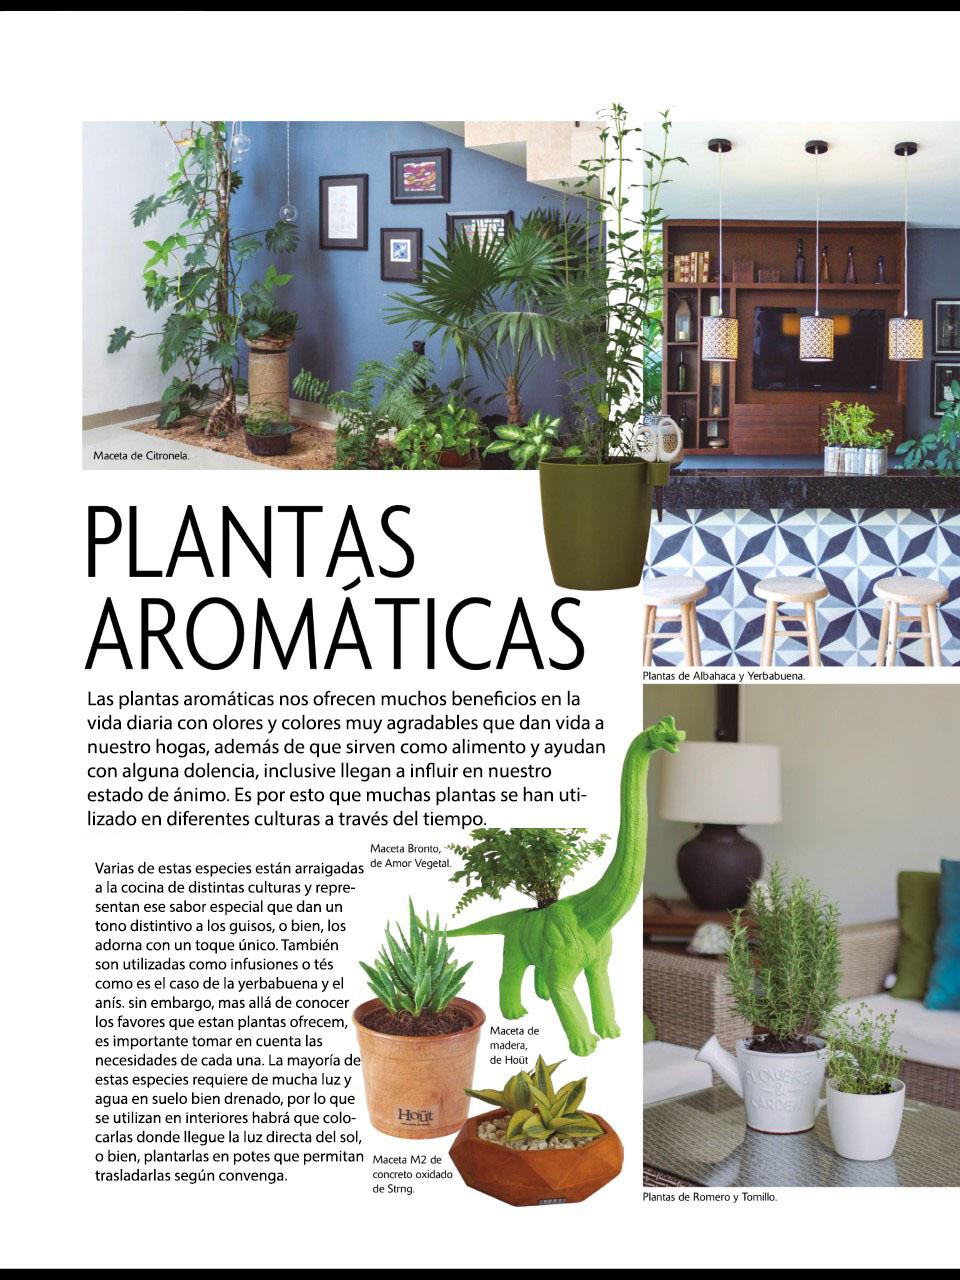 Plantas aromaticas interior fabulous romero semillas - Plantas aromaticas interior ...